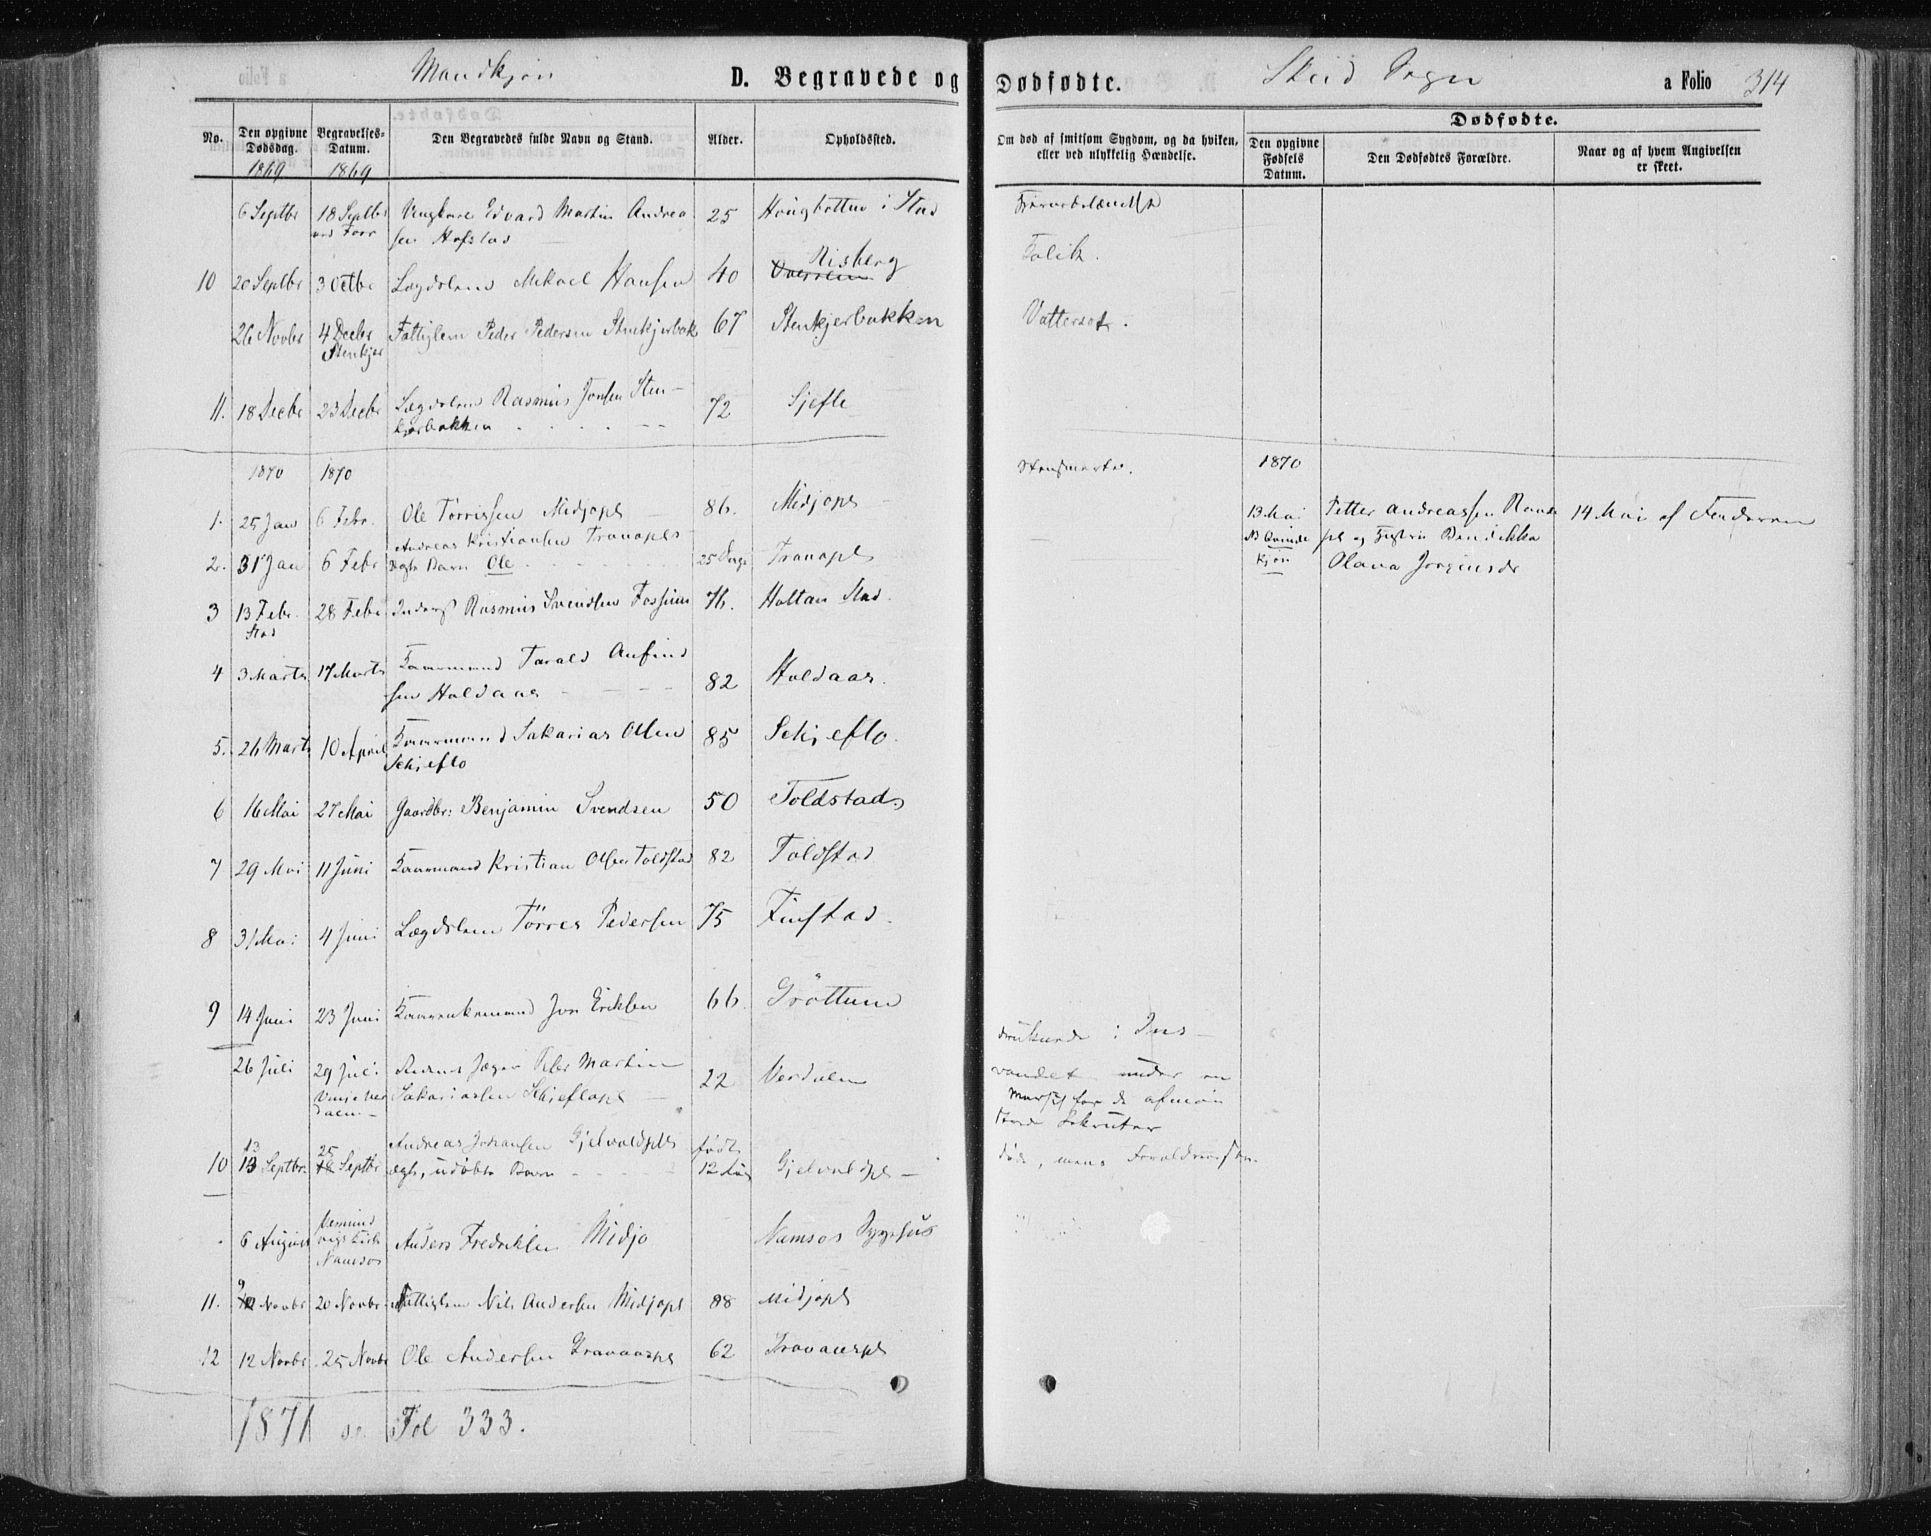 SAT, Ministerialprotokoller, klokkerbøker og fødselsregistre - Nord-Trøndelag, 735/L0345: Ministerialbok nr. 735A08 /2, 1863-1872, s. 314